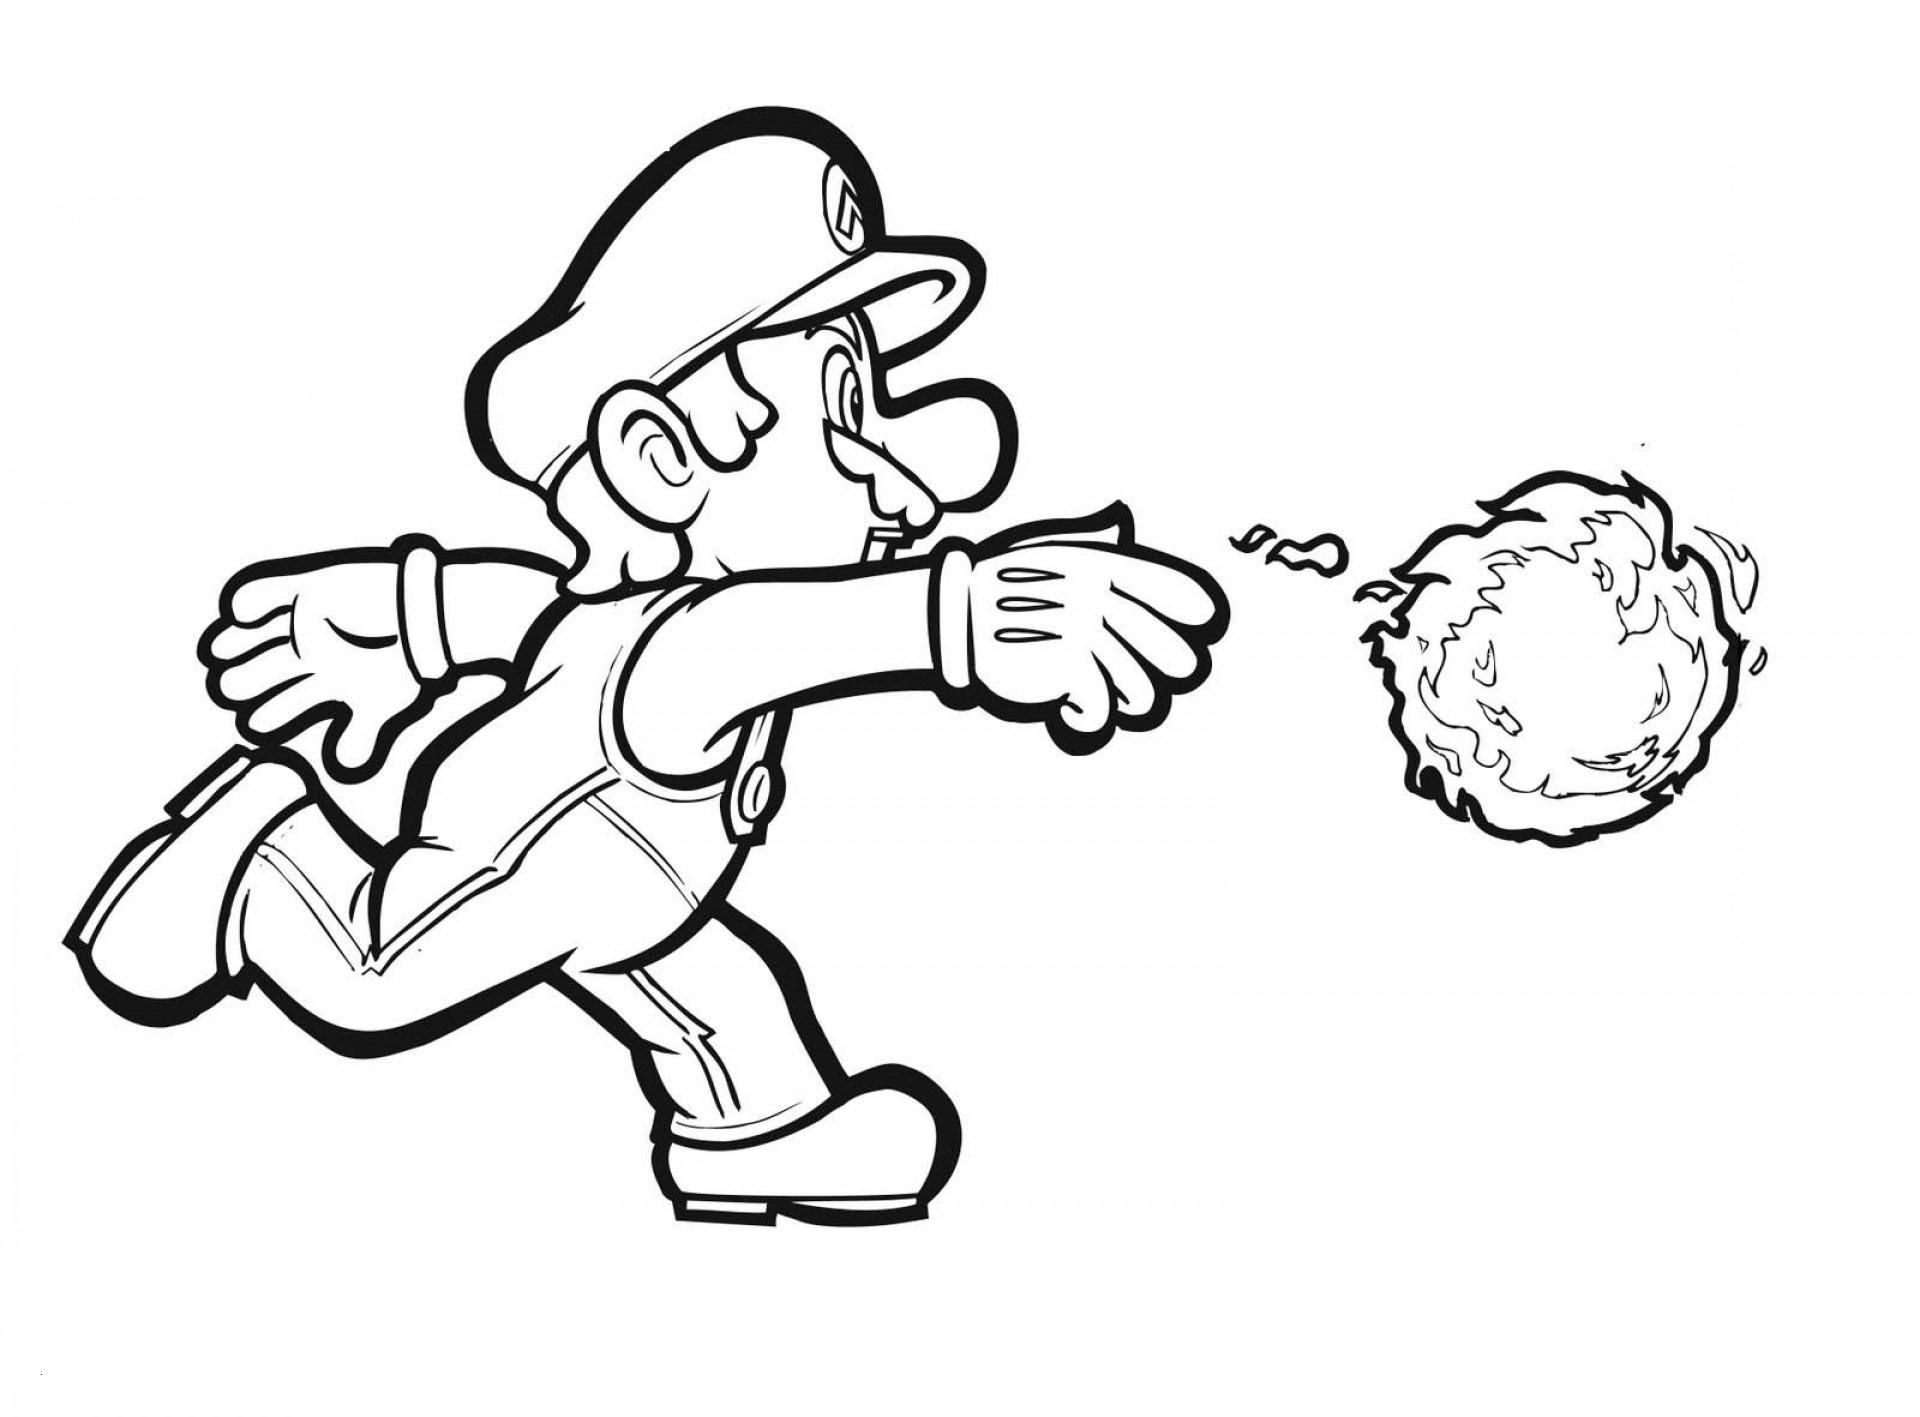 Malvorlage Super Mario Neu 50 Neu Mario Kart Ausmalbilder Zum Ausdrucken Beste Malvorlage Fotografieren